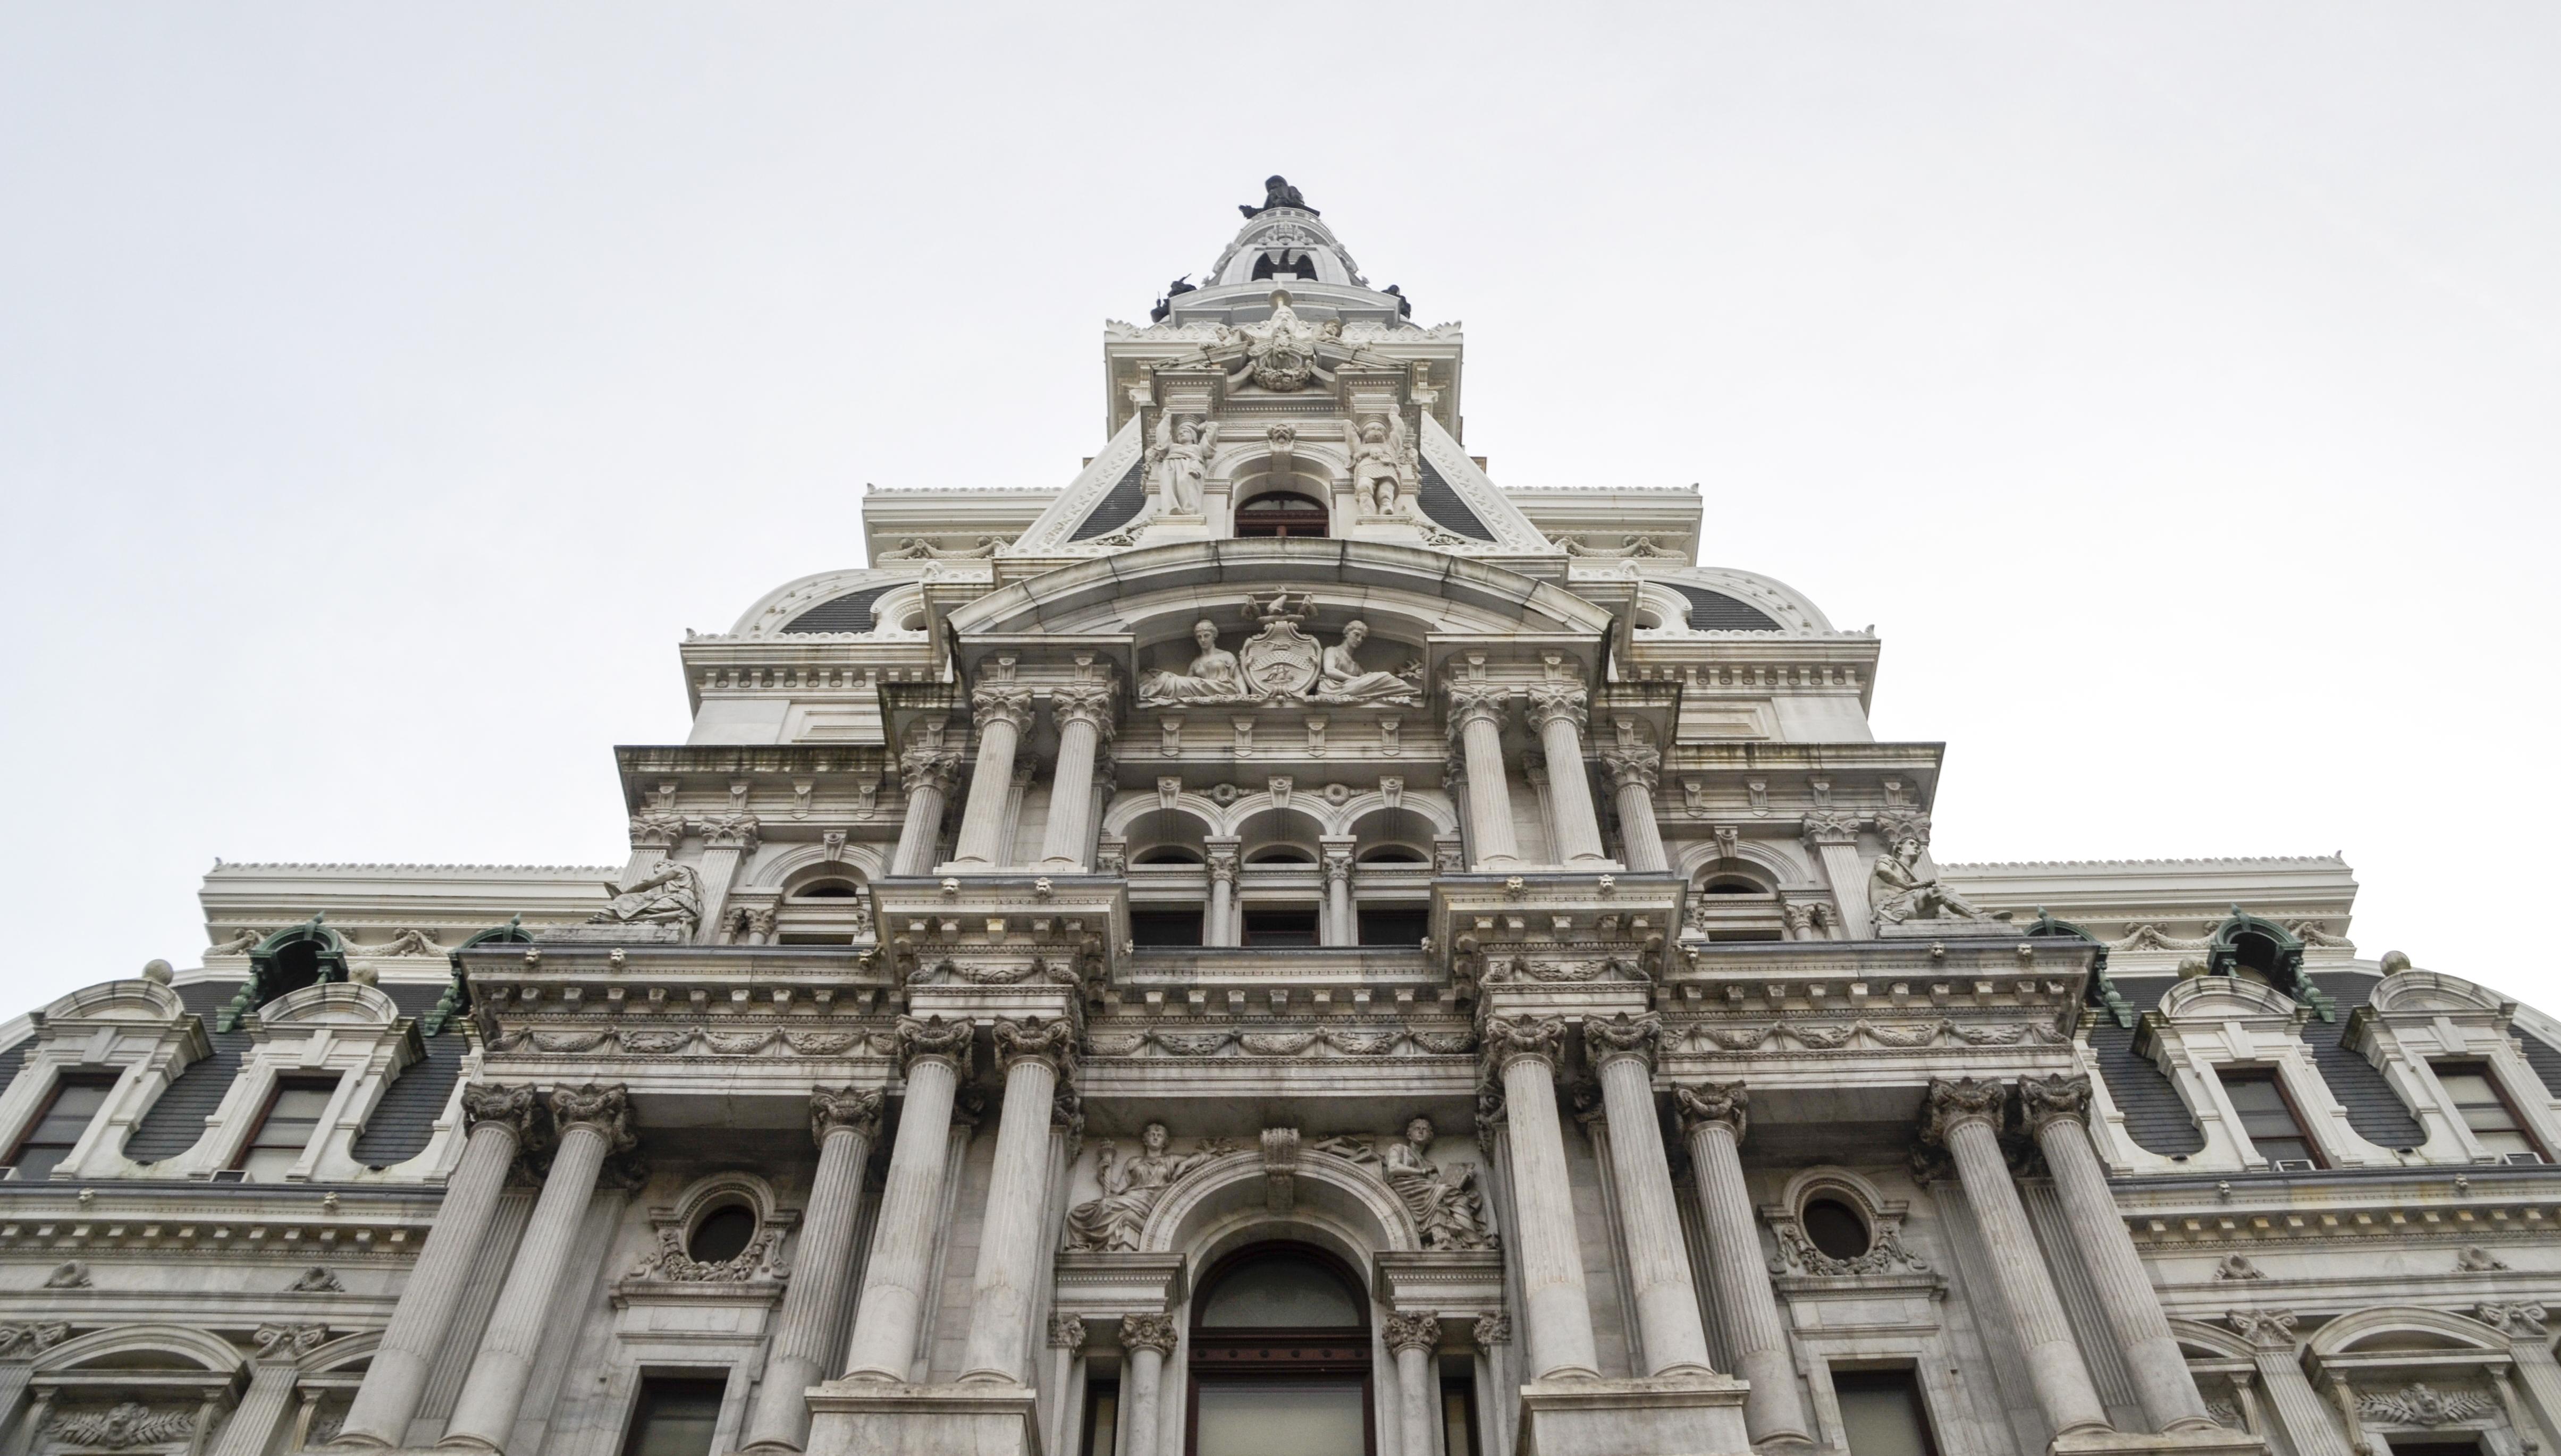 City Hall facade